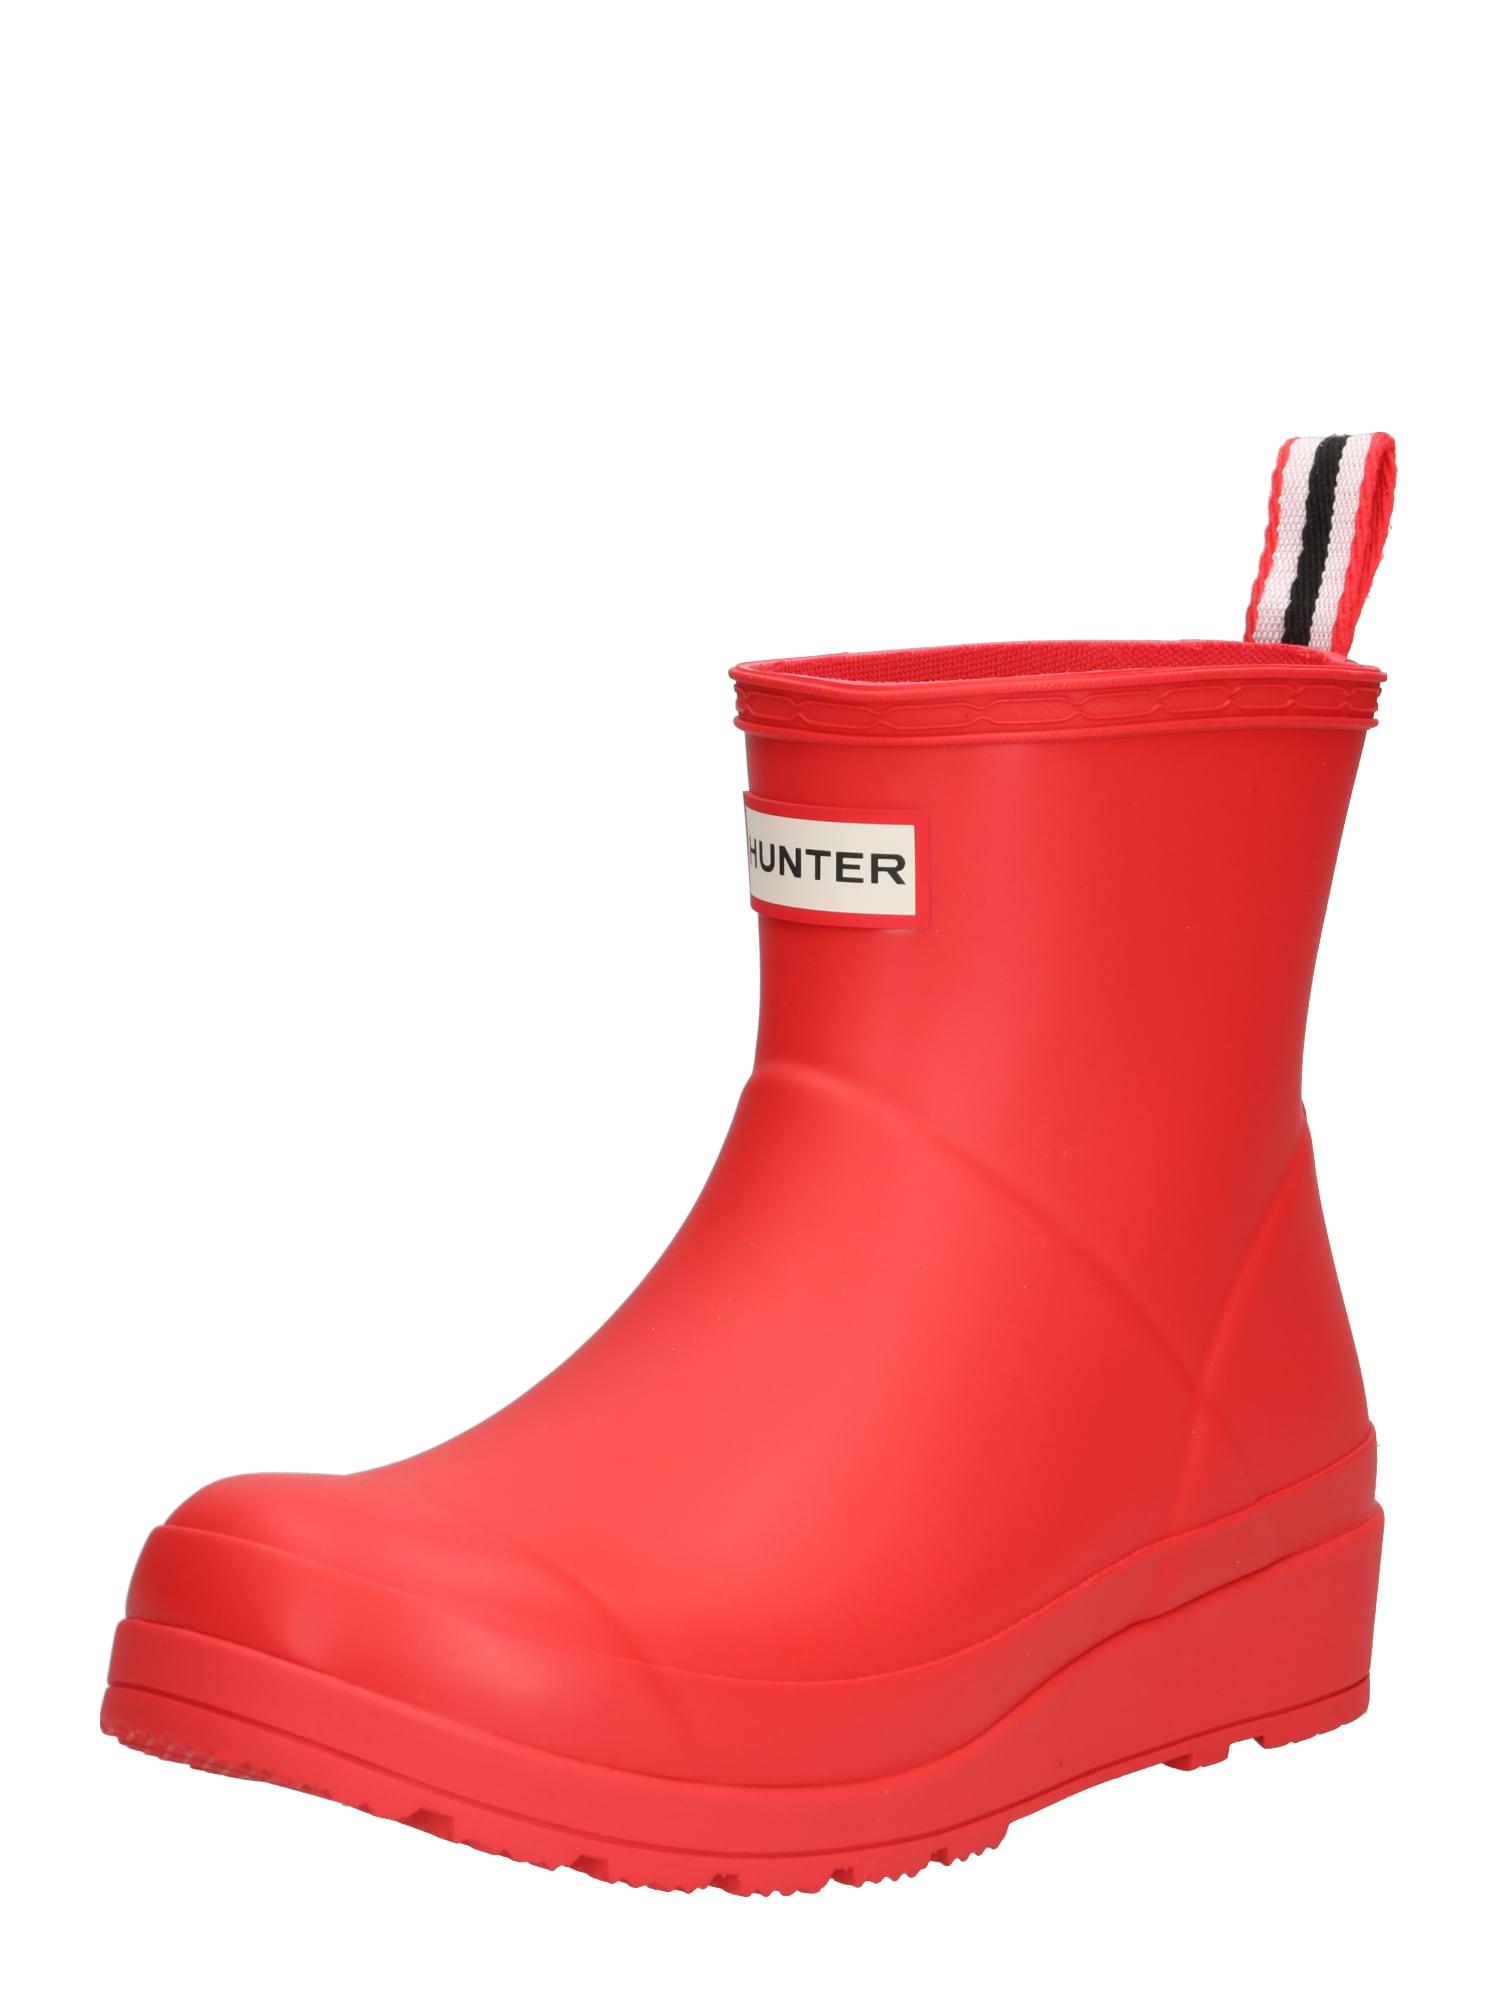 HUNTER Guminiai batai 'Play' ryškiai raudona